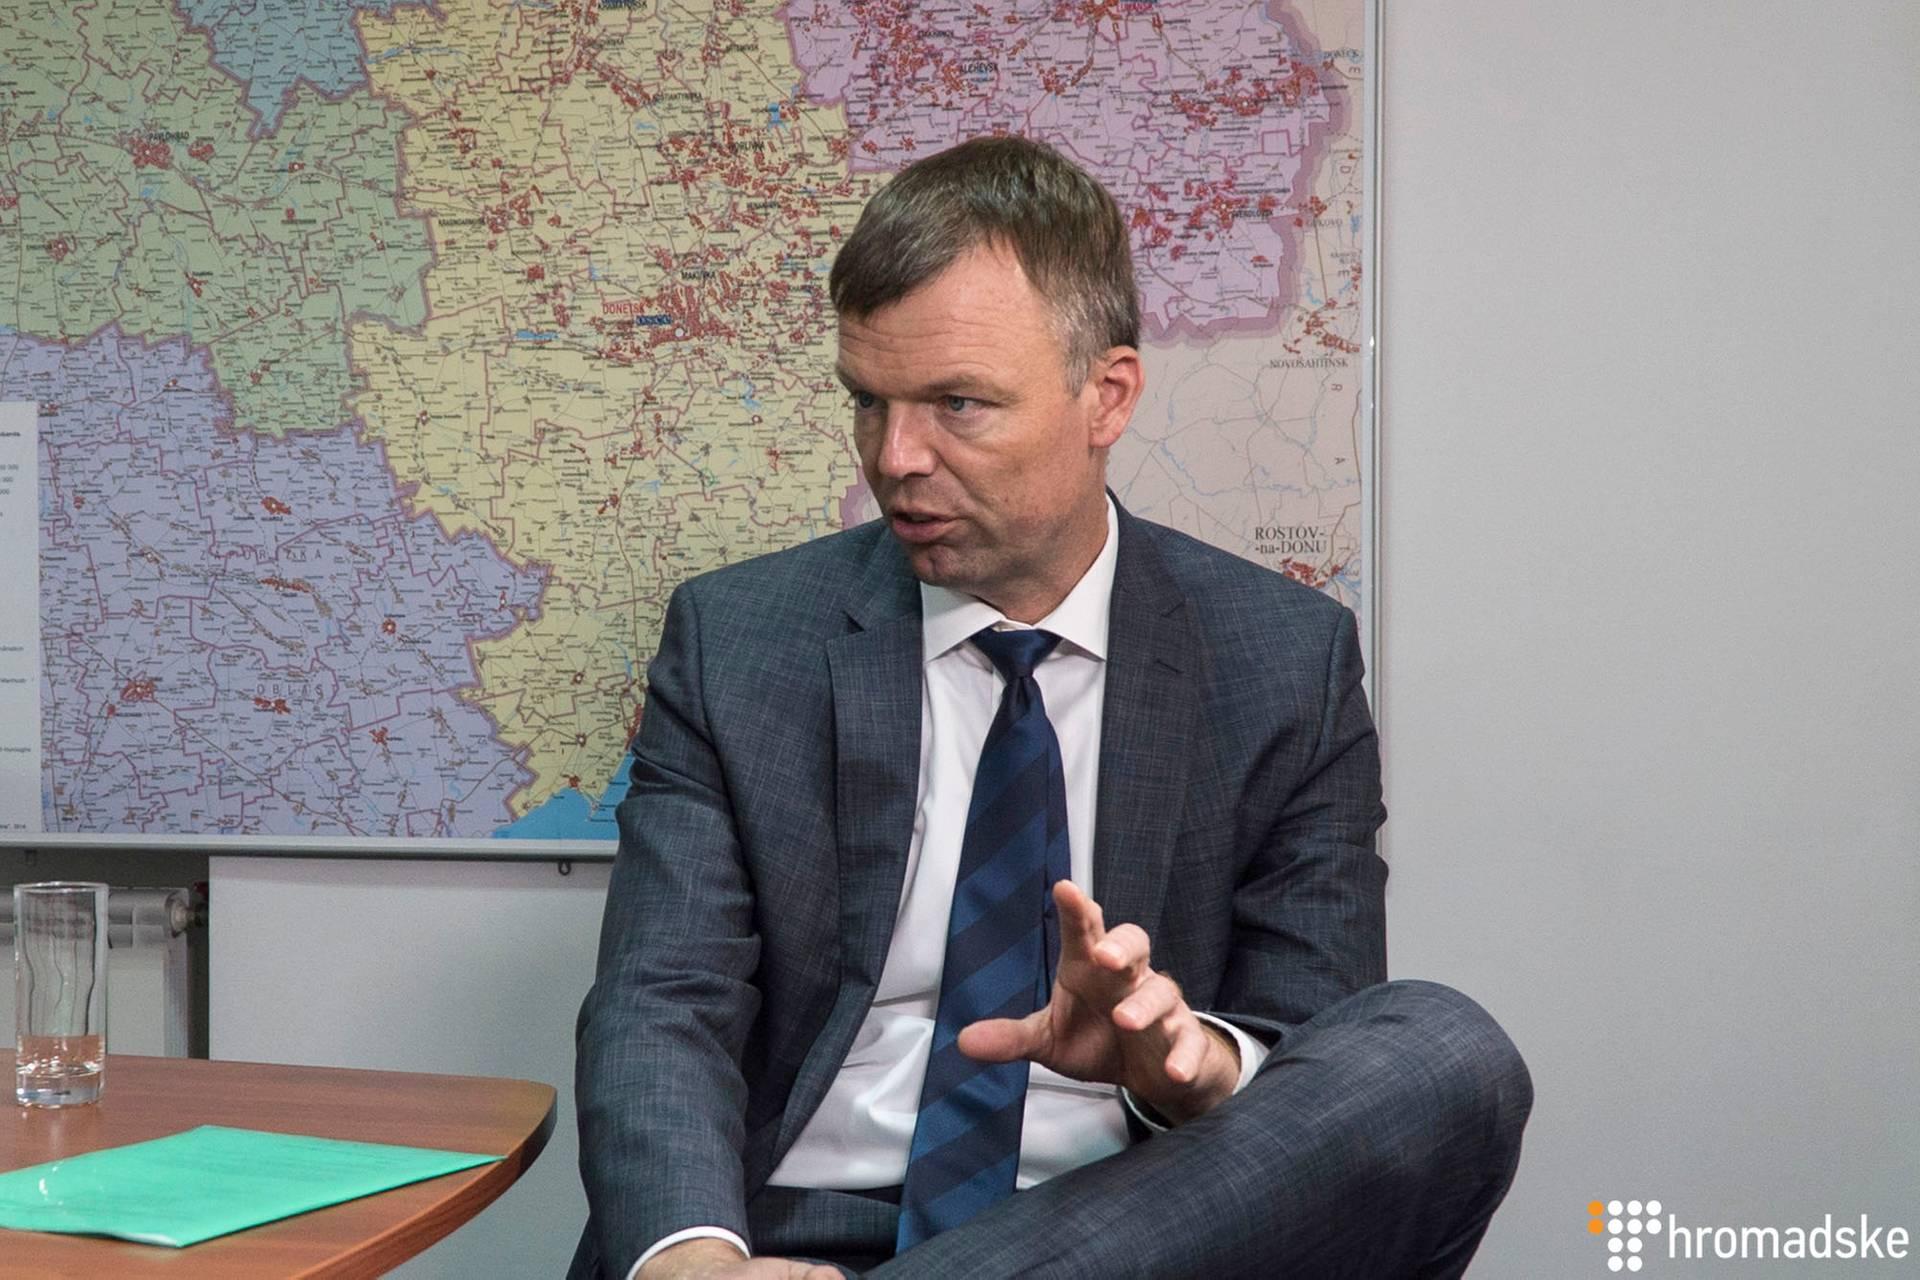 Заступник голови спеціальної моніторингової місії ОБСЄ на Донбасі Александр Хуг під час інтерв'ю Громадському, Київ, 30 жовтня 2018 року